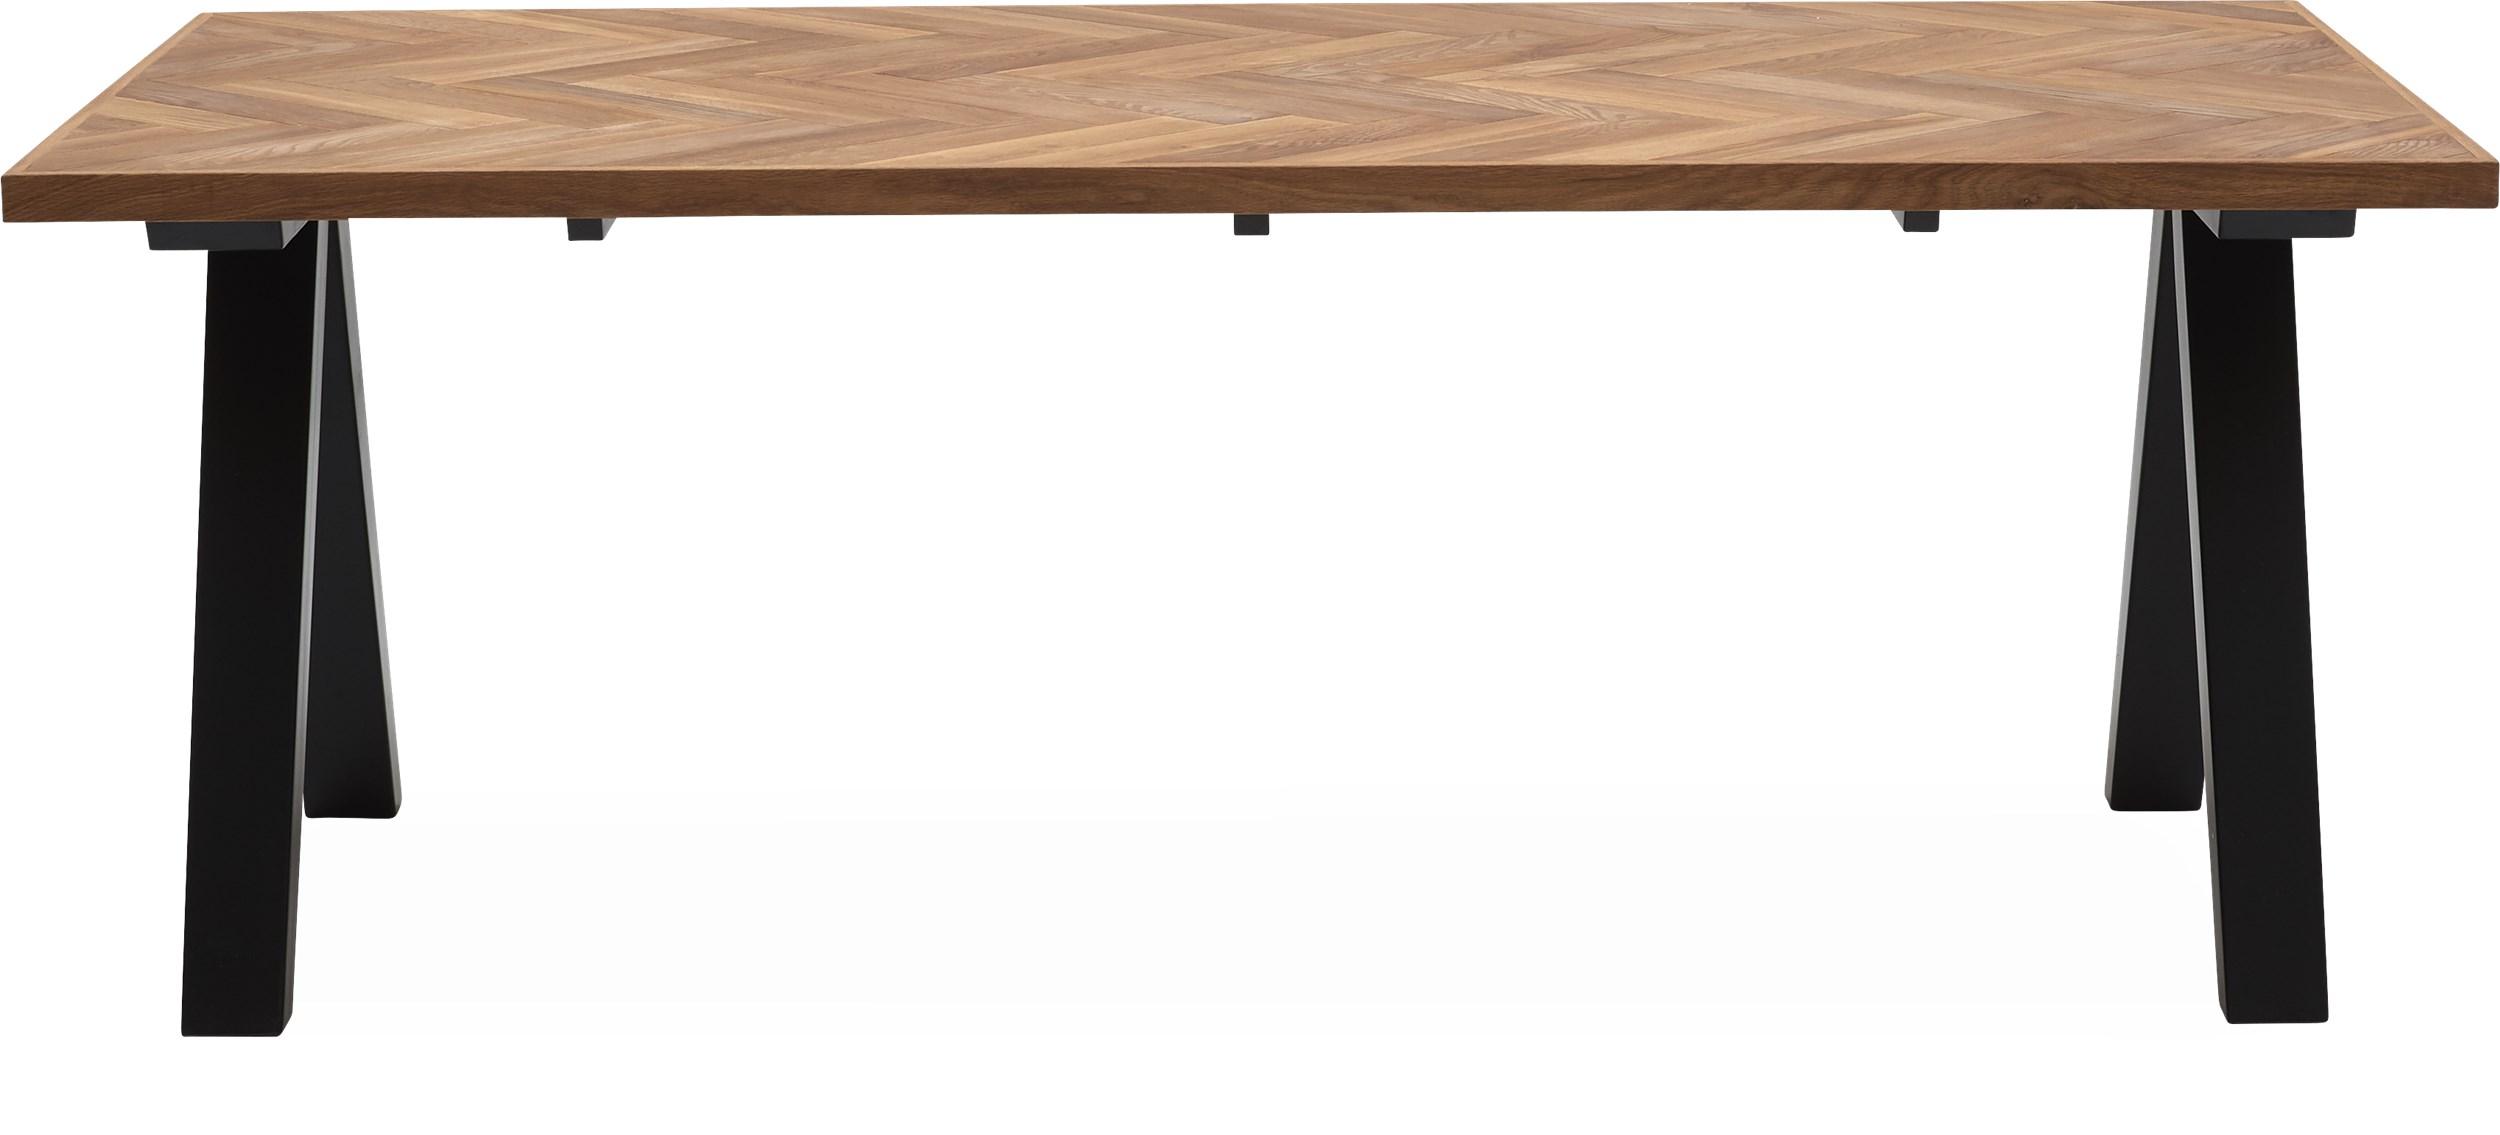 Heritage Spisebord 200 x 100 x 75 cm